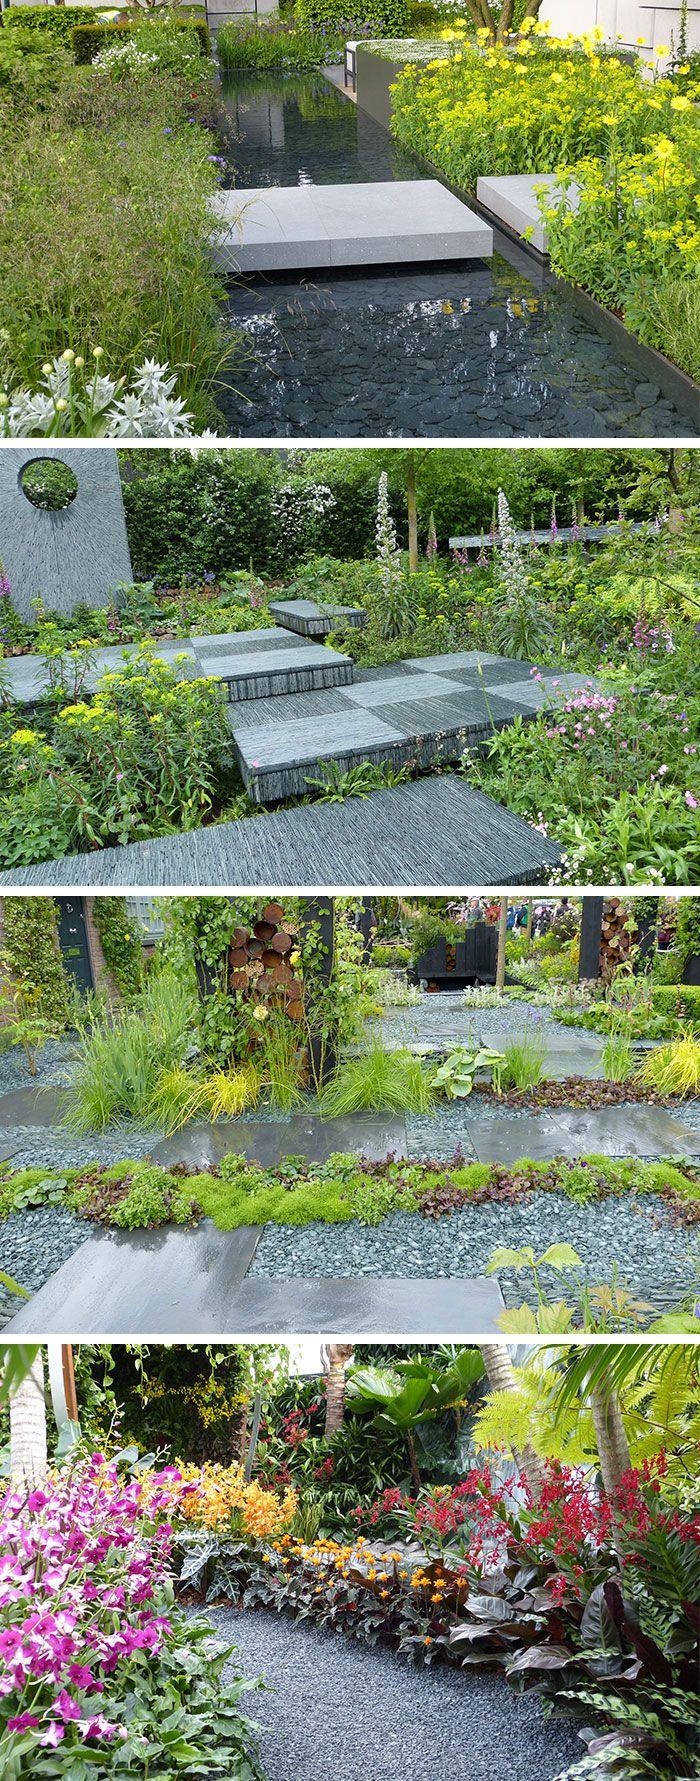 garden design from the chelsea flower show using slate